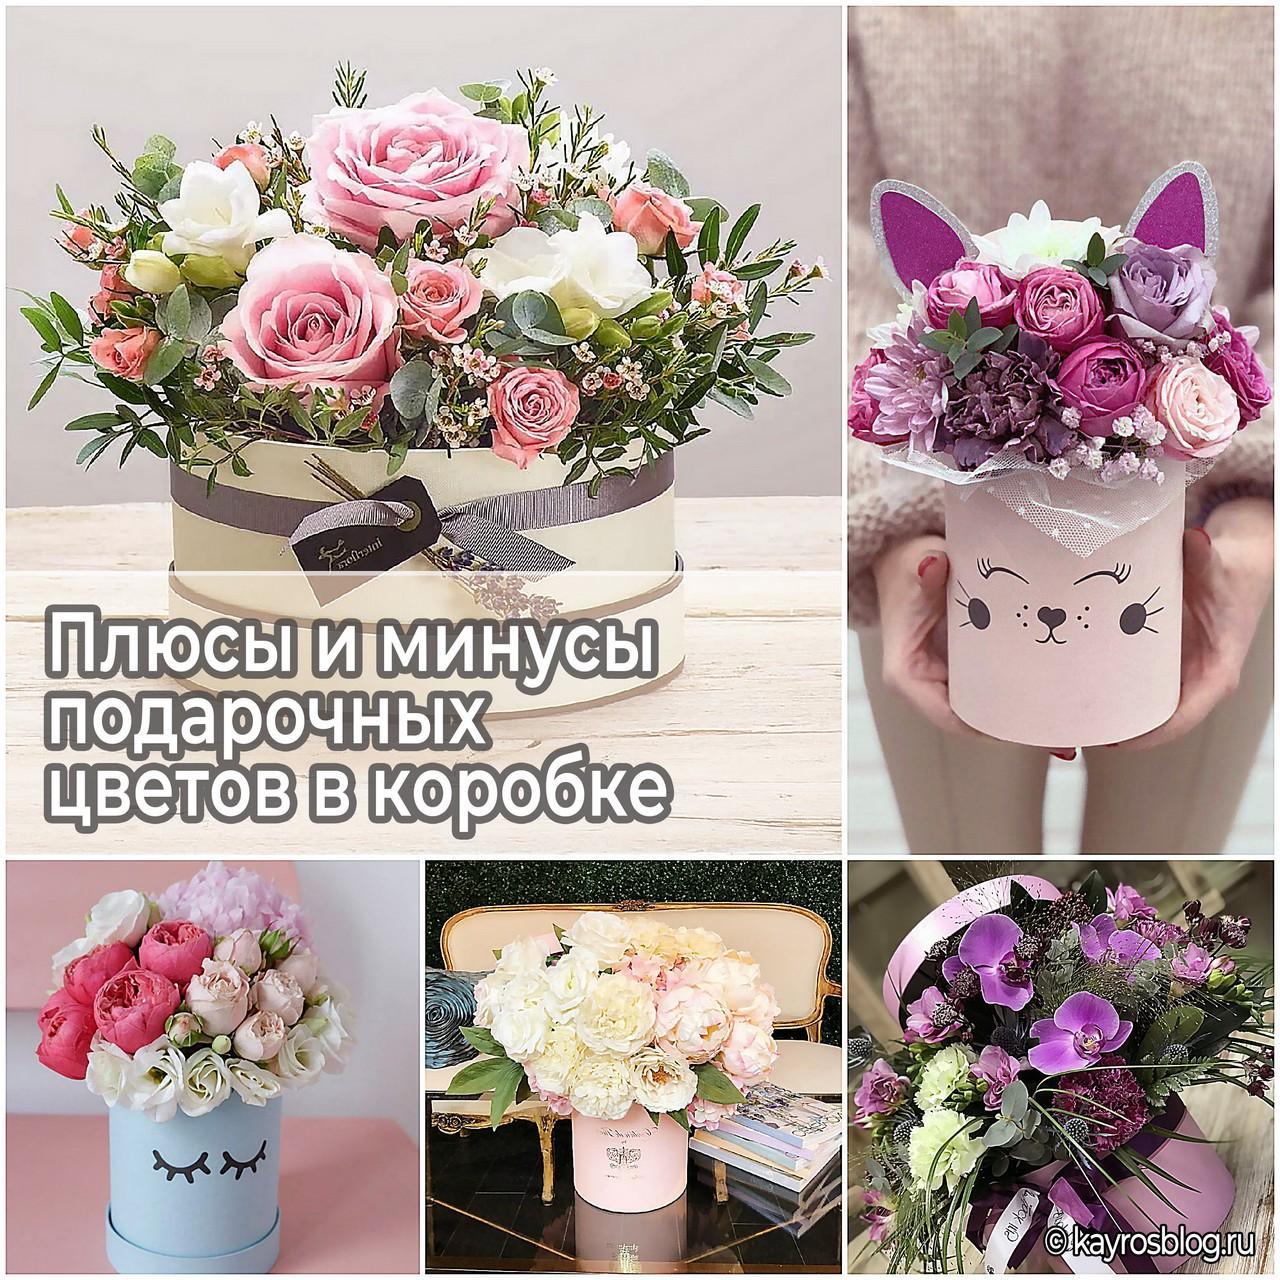 Плюсы и минусы подарочных цветов в коробке